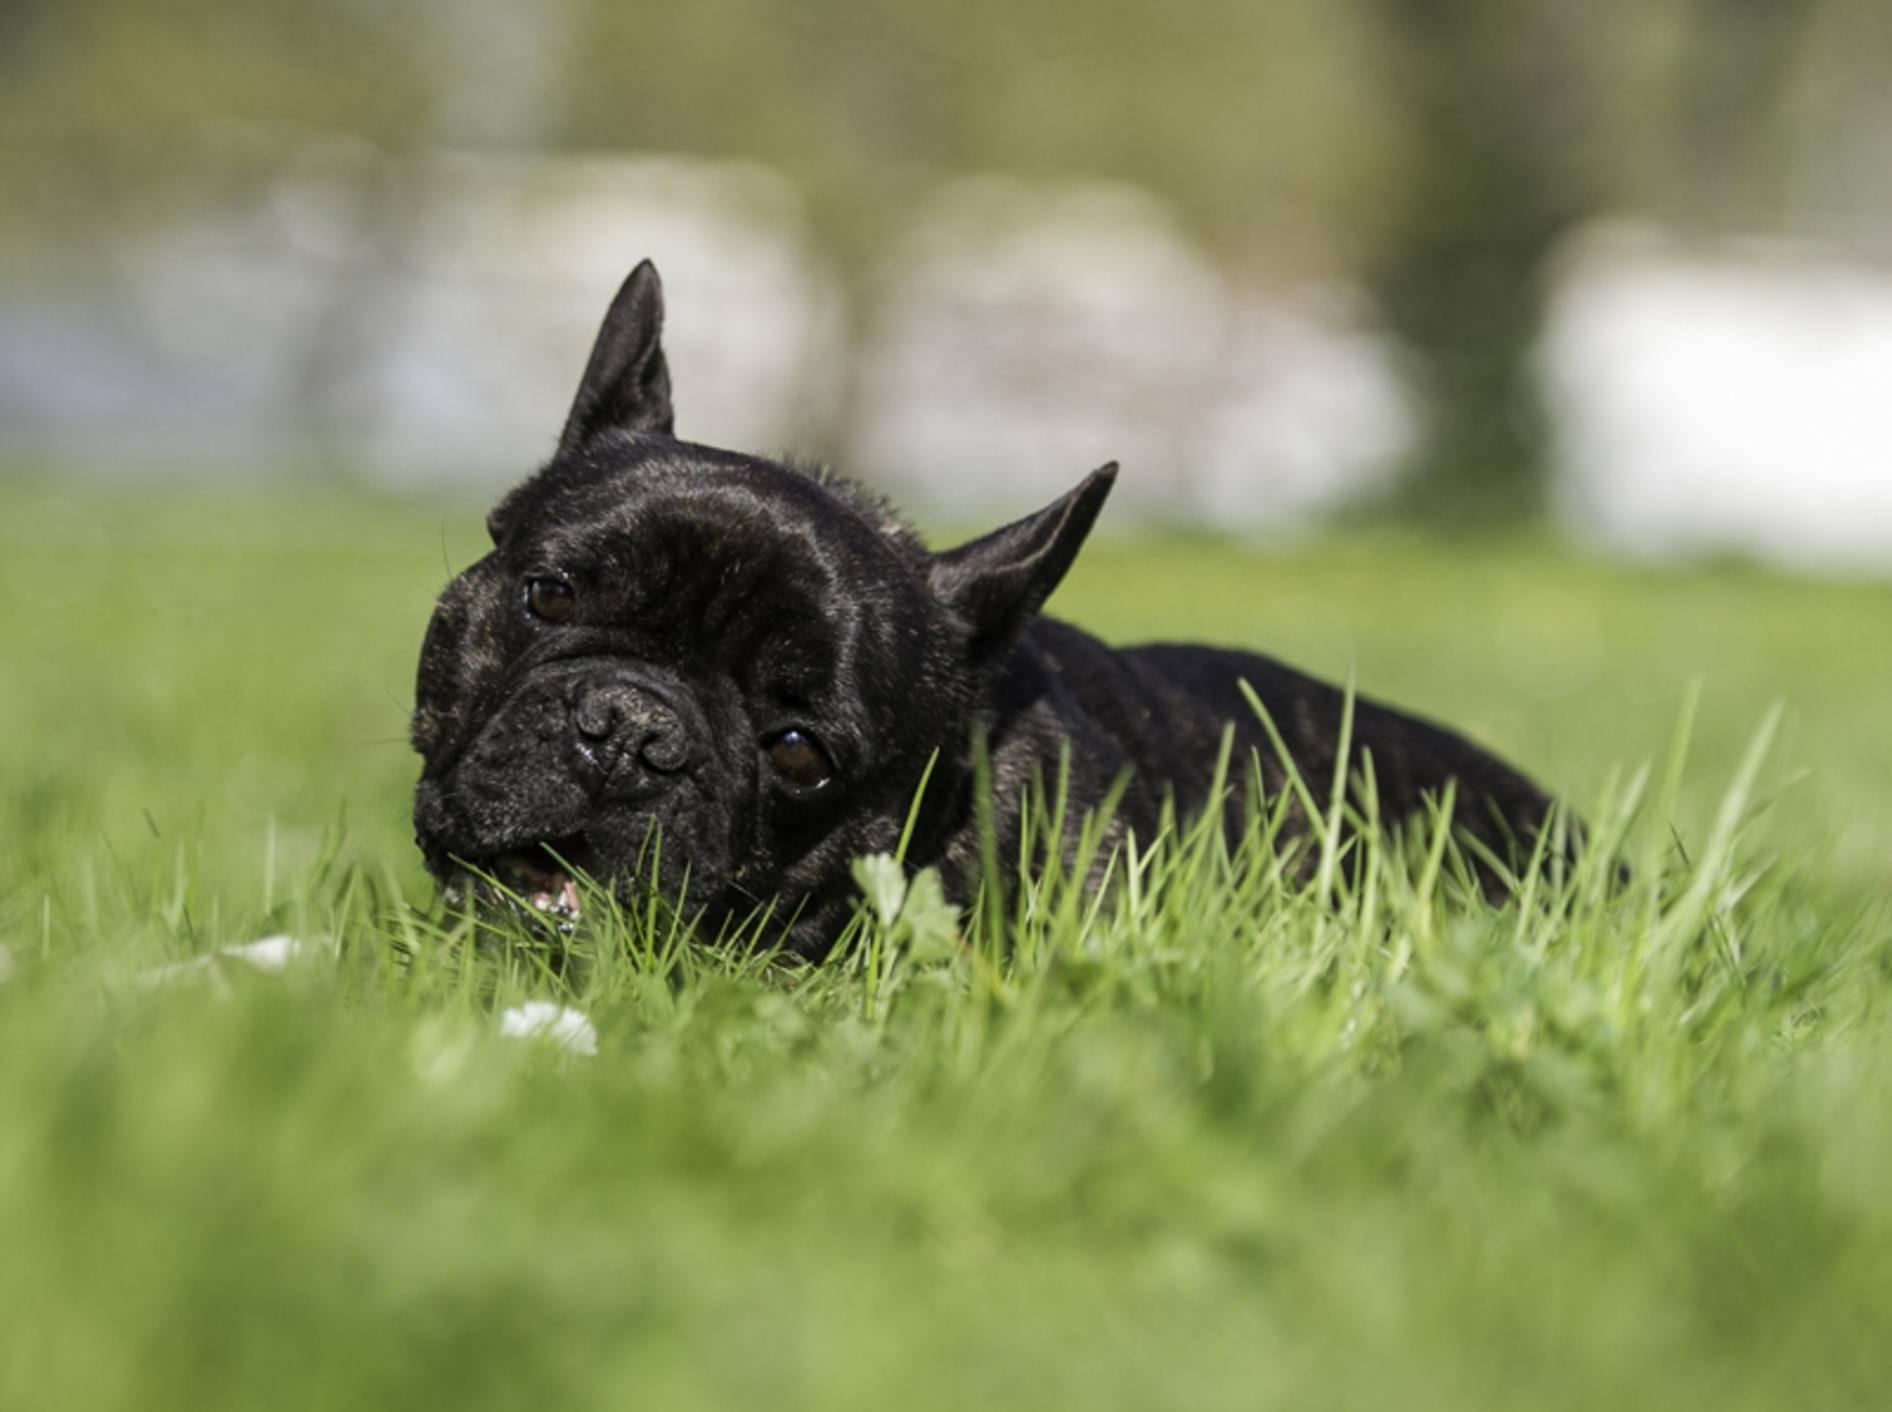 warum essen hunde gras